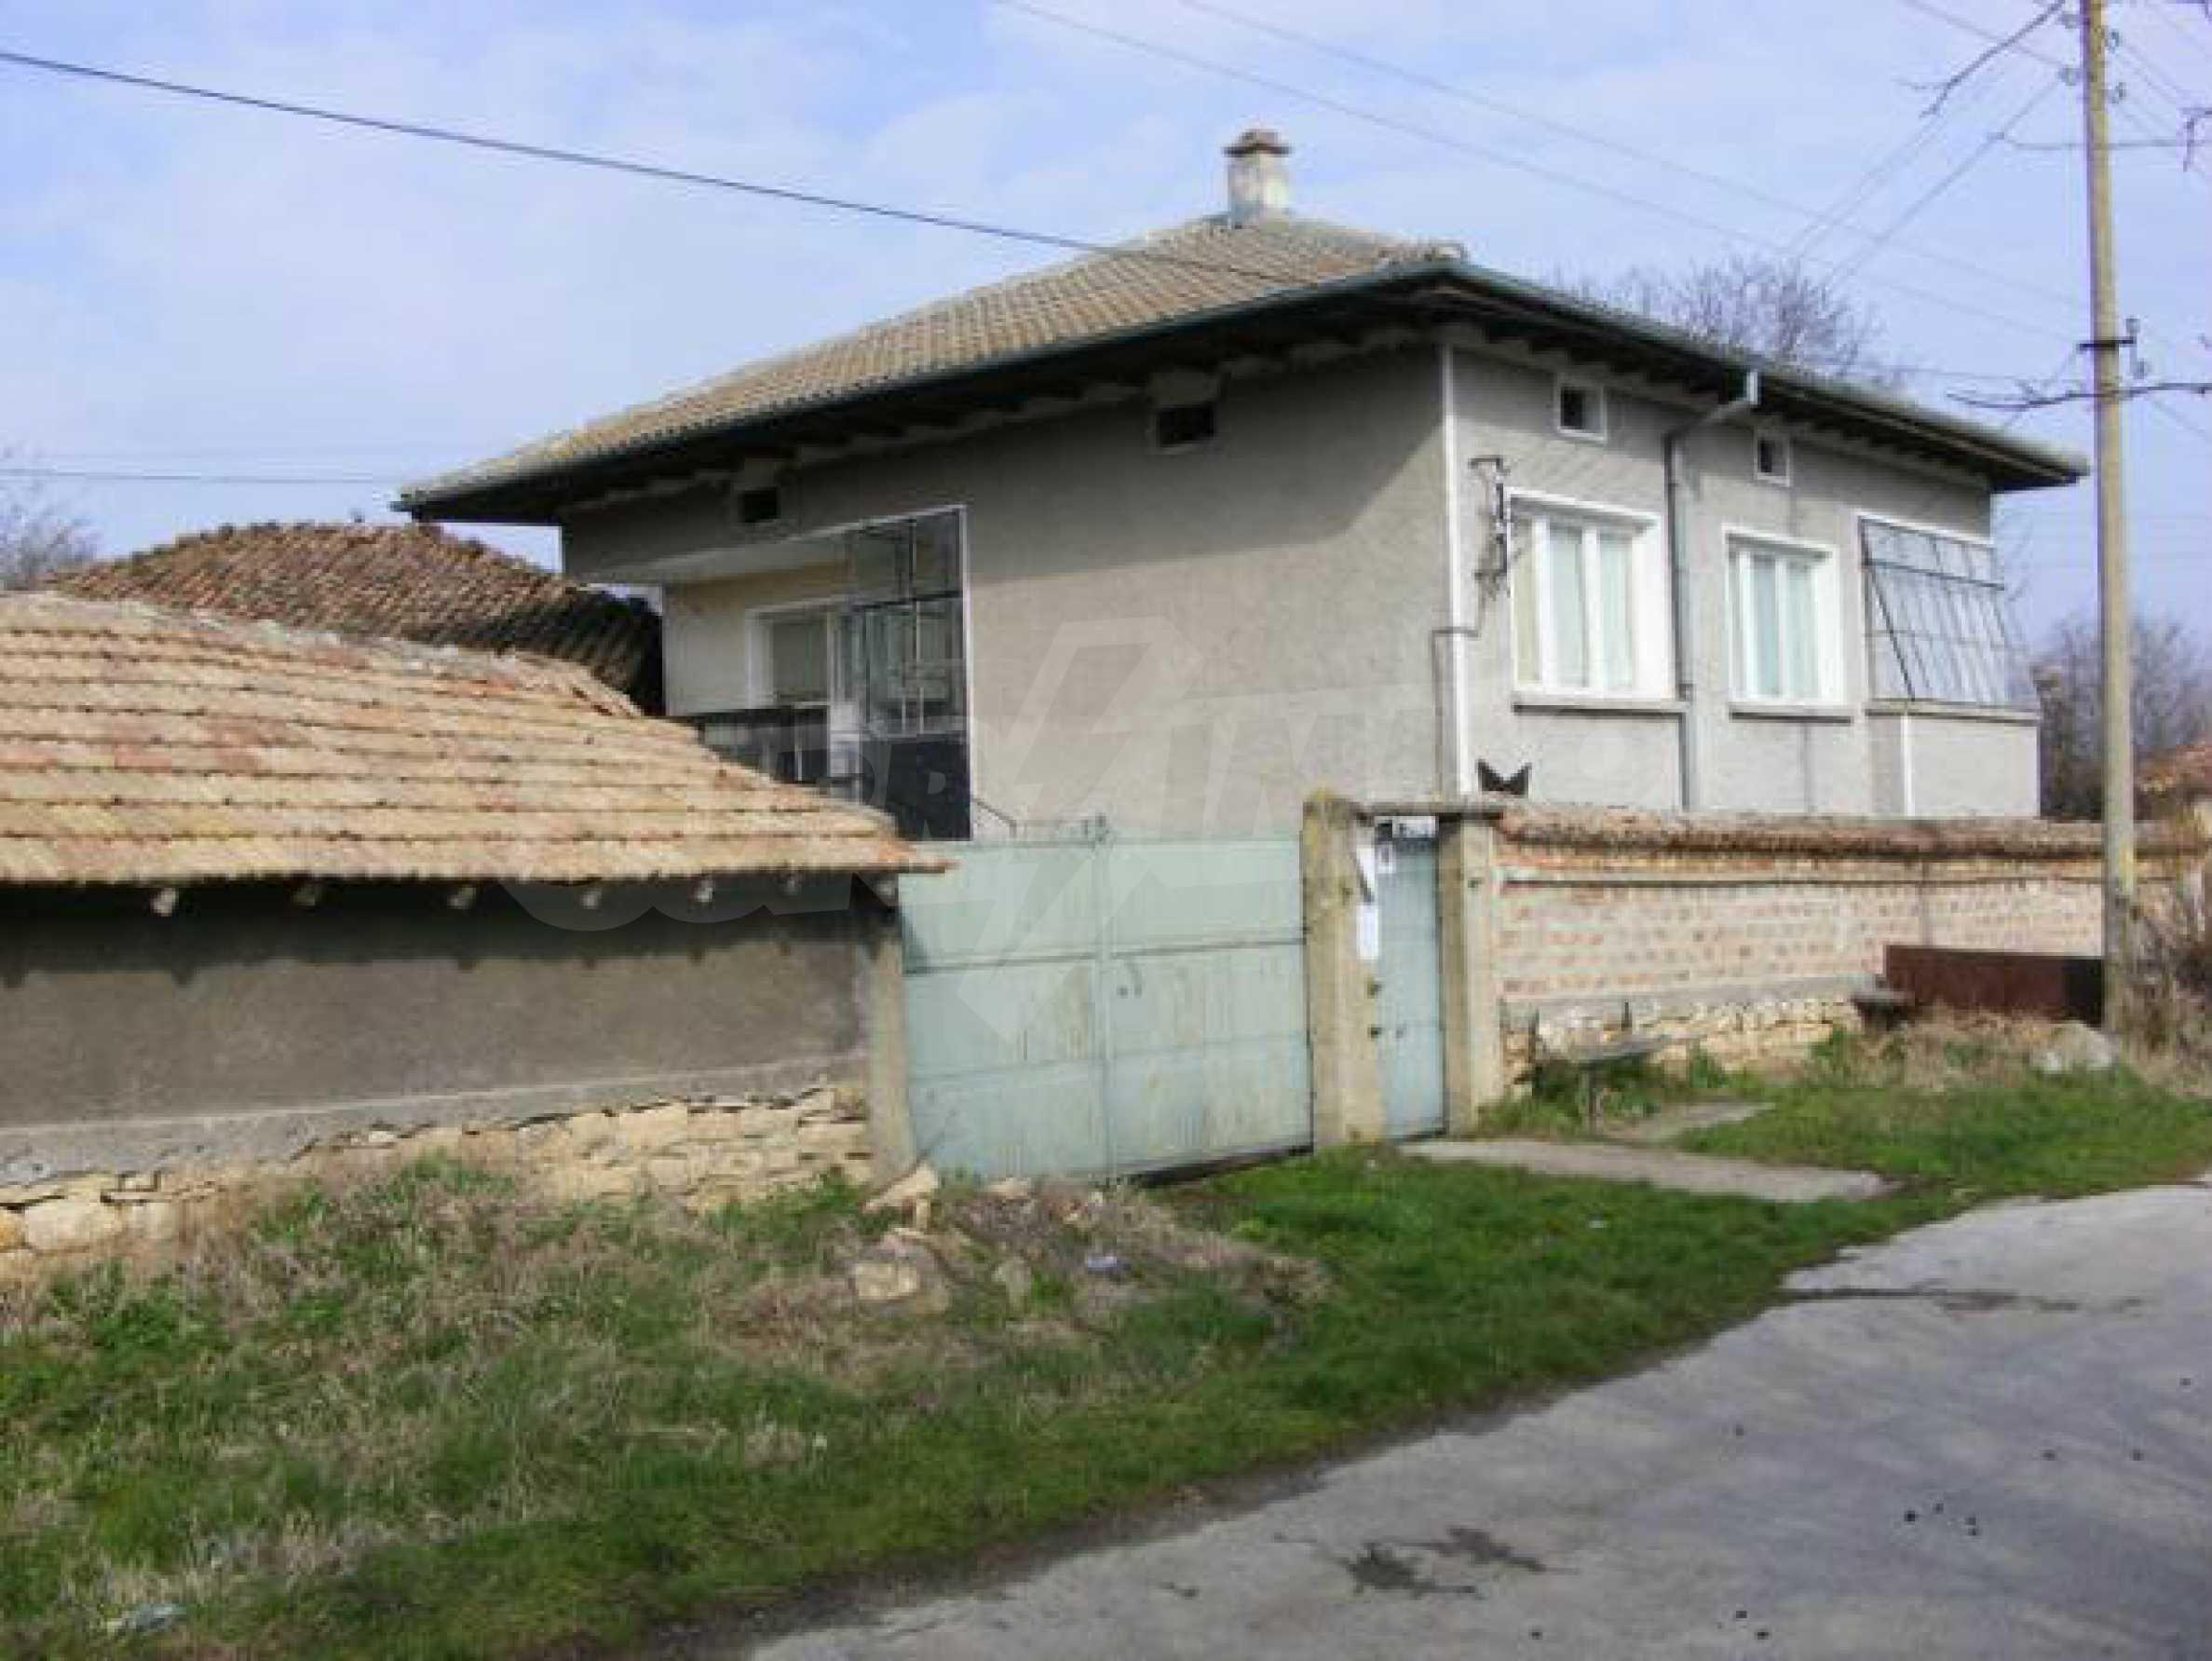 Großes zweistöckiges Backsteinhaus in einem Dorf 40 km von Veliko Tarnovo entfernt 2